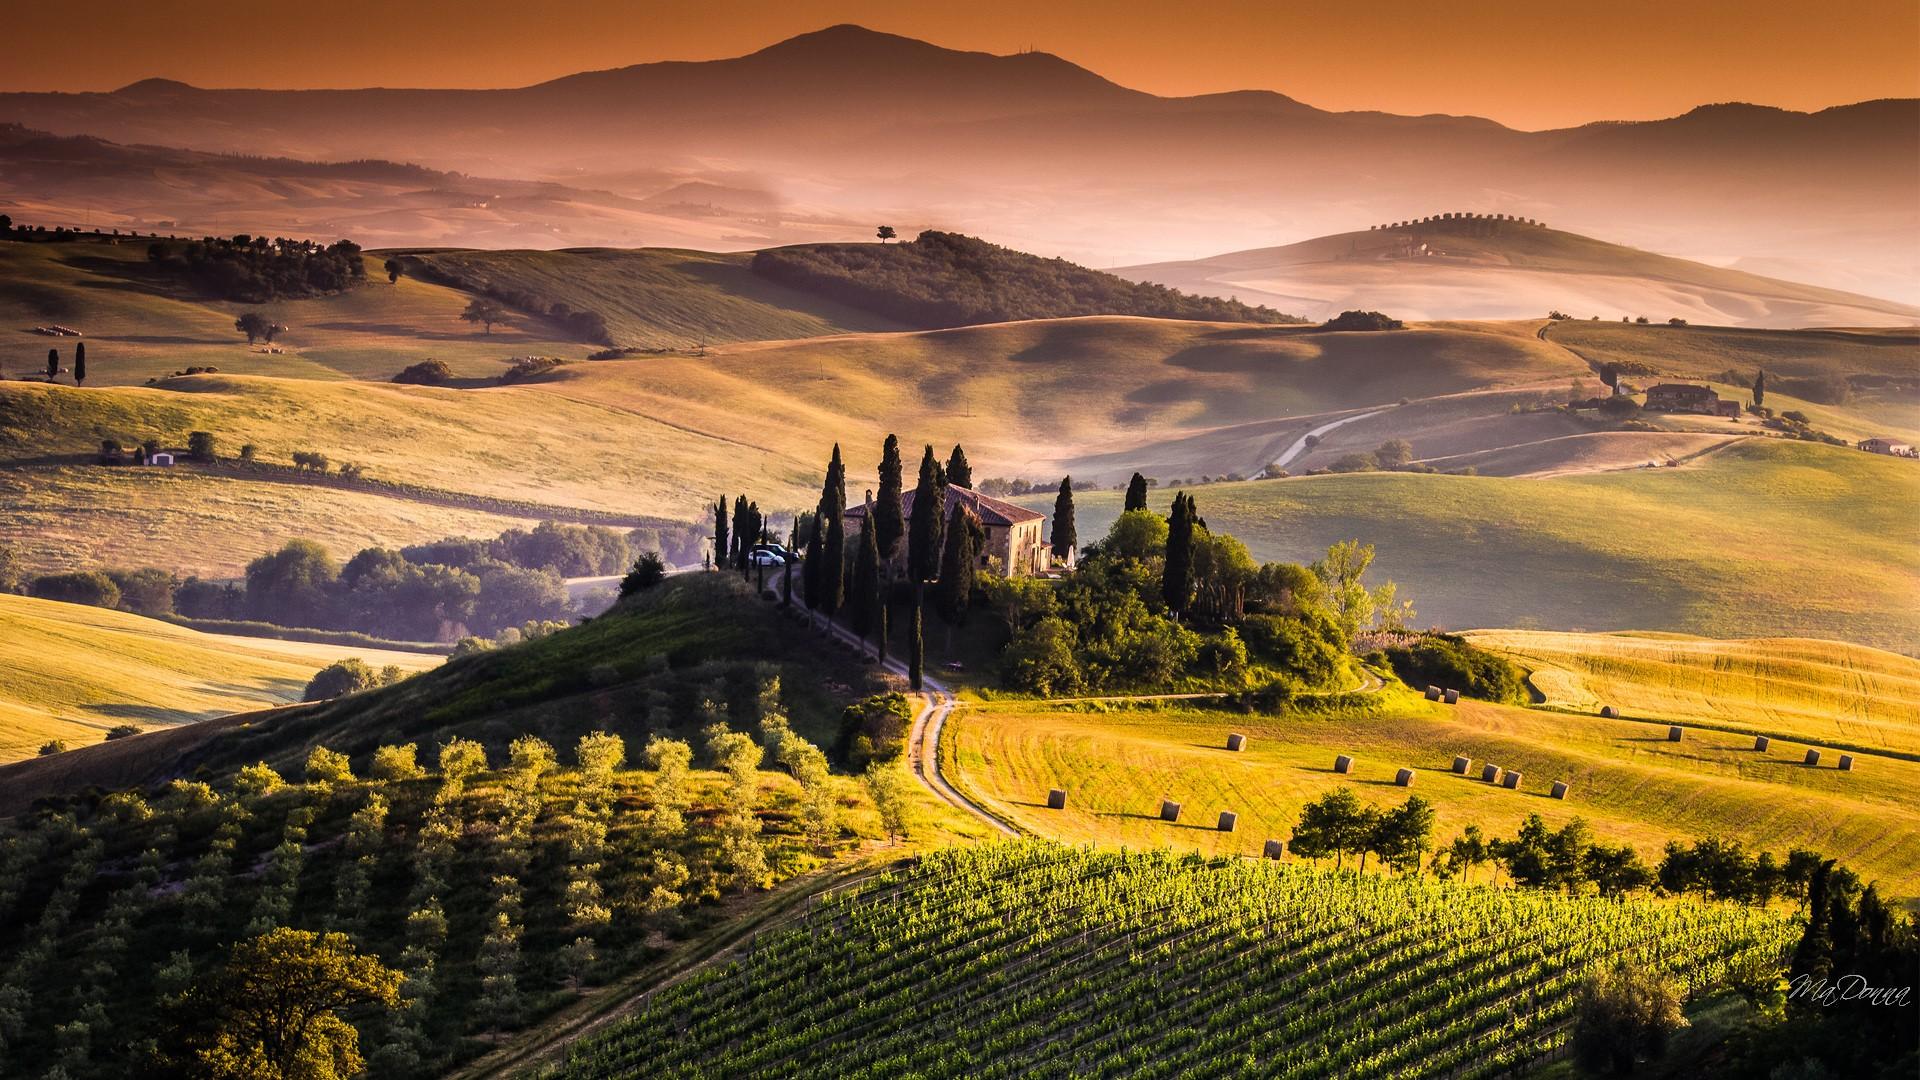 Tuscany Wallpaper for Desktop - WallpaperSafari